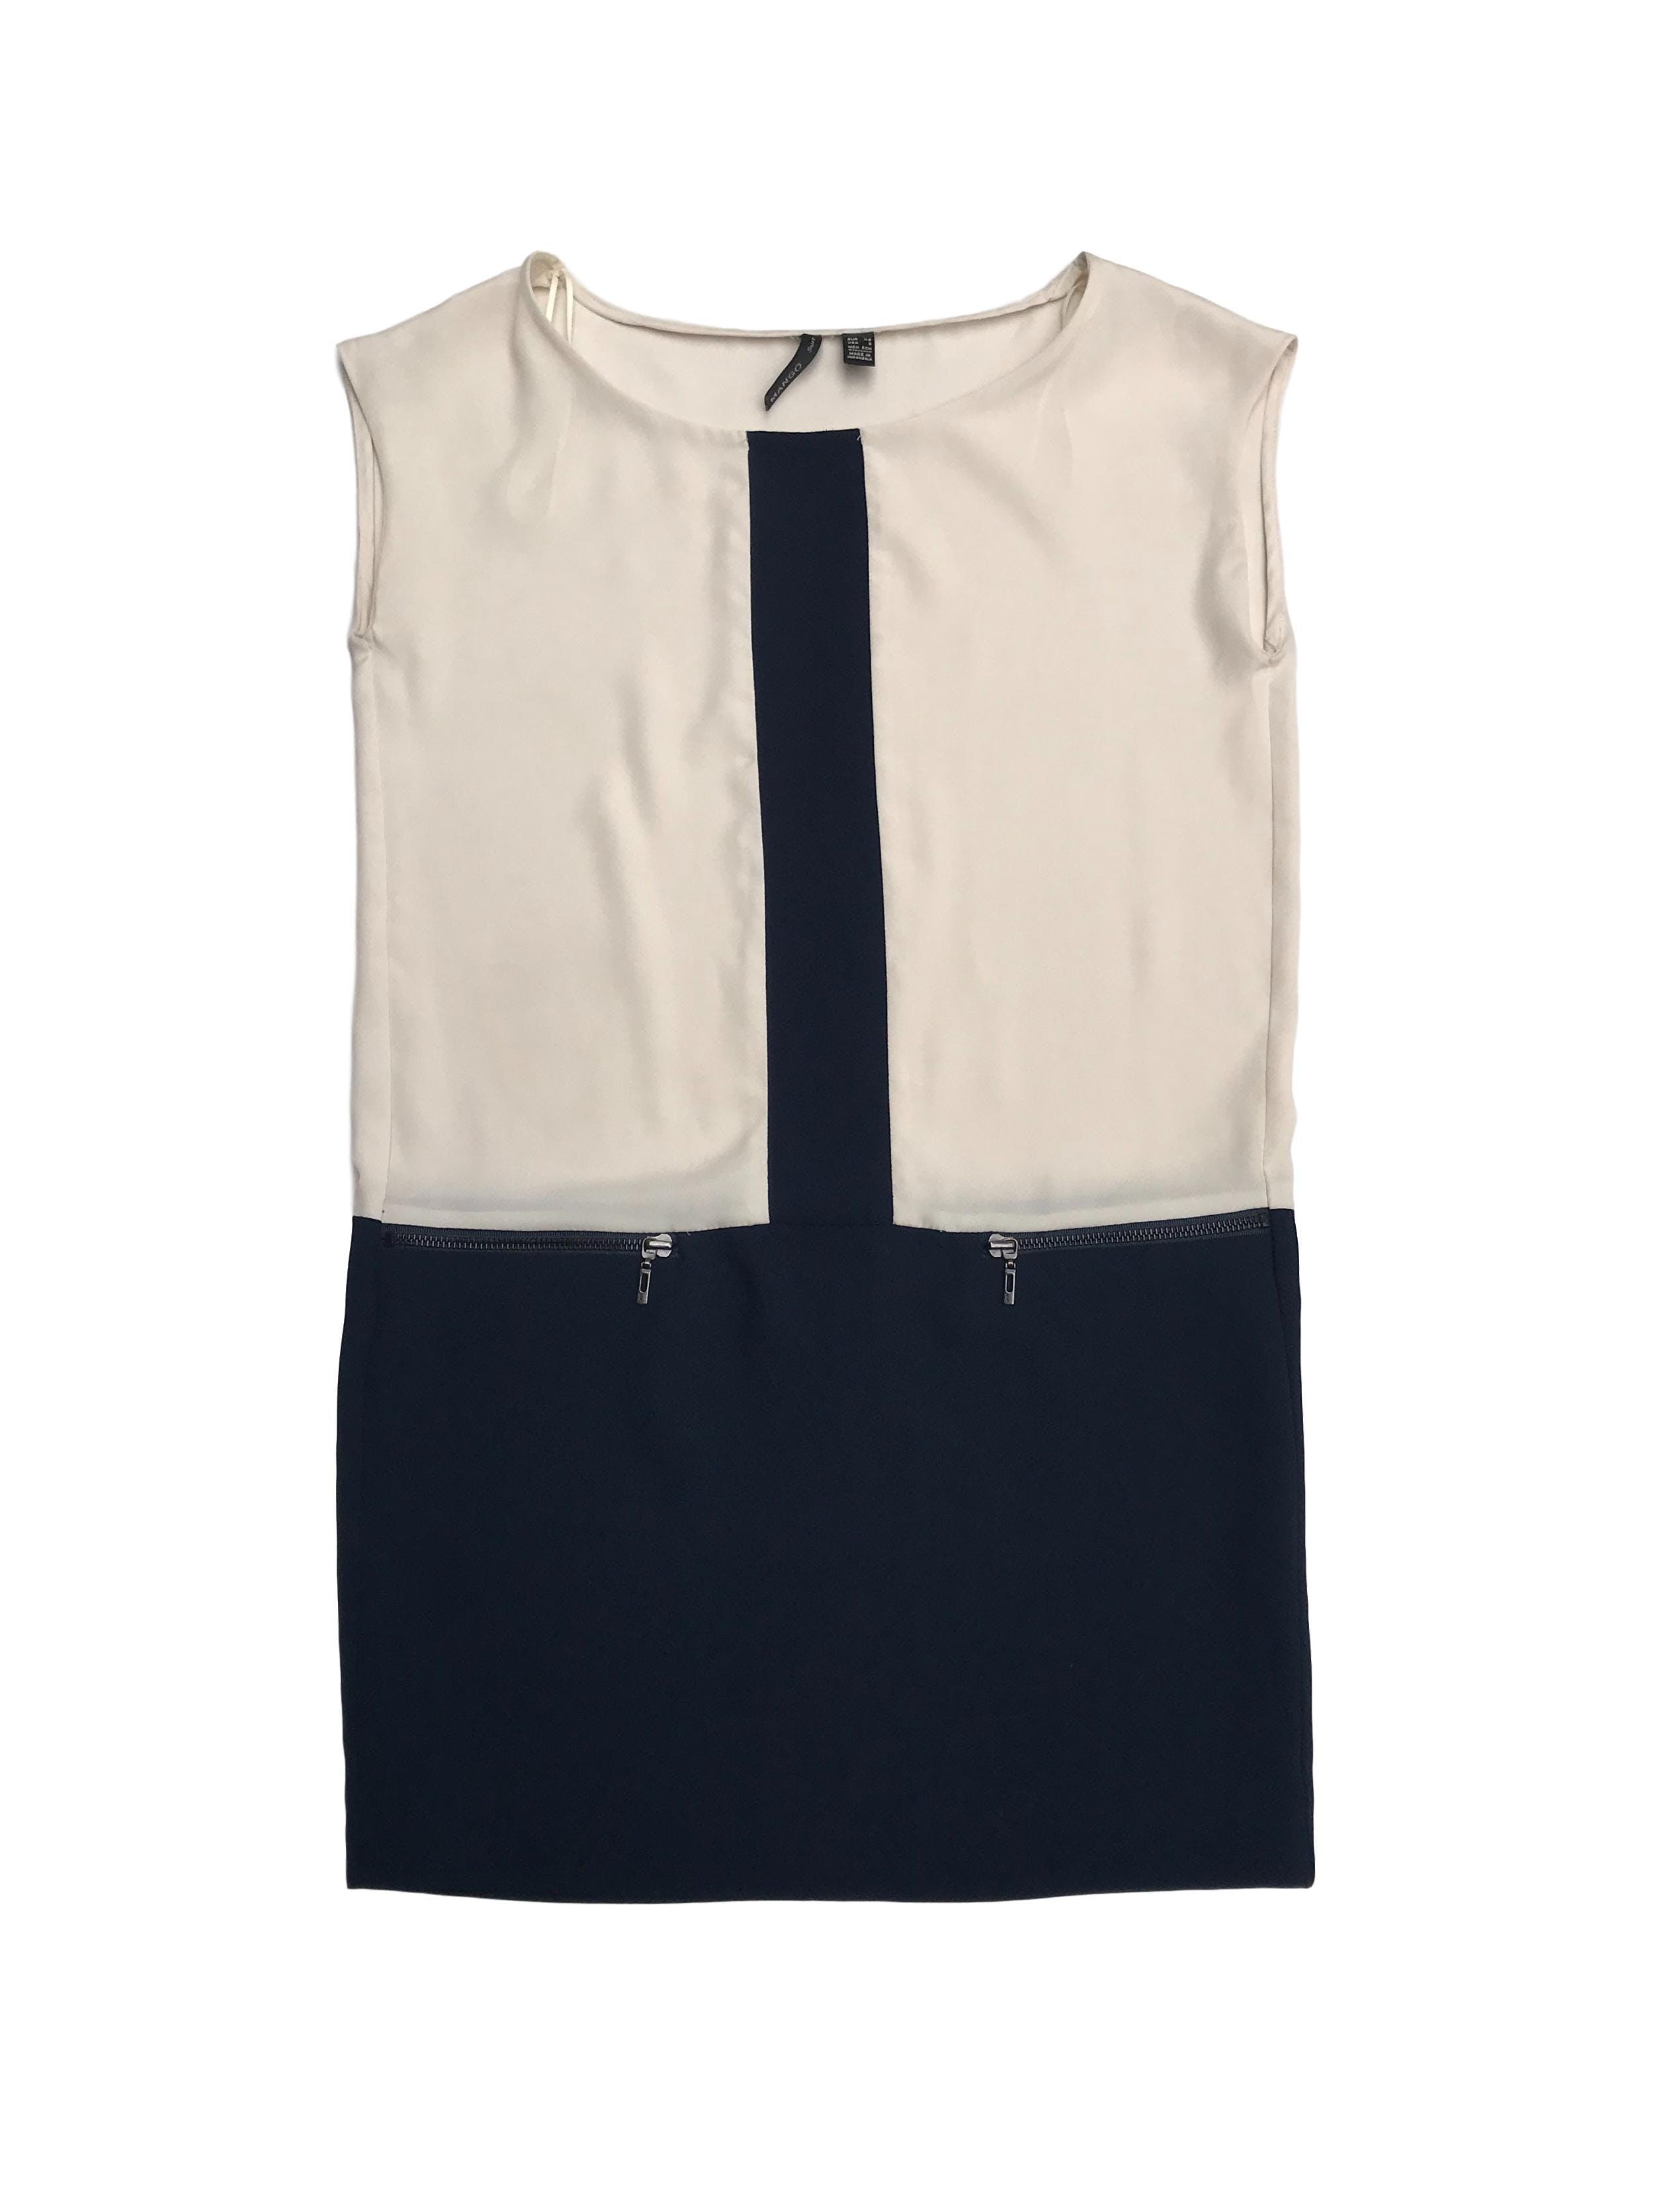 Vestido mini Mango recto de tela tipo crepé crema y azul con detalle de cierres, estilo años 20s. Largo 78cm